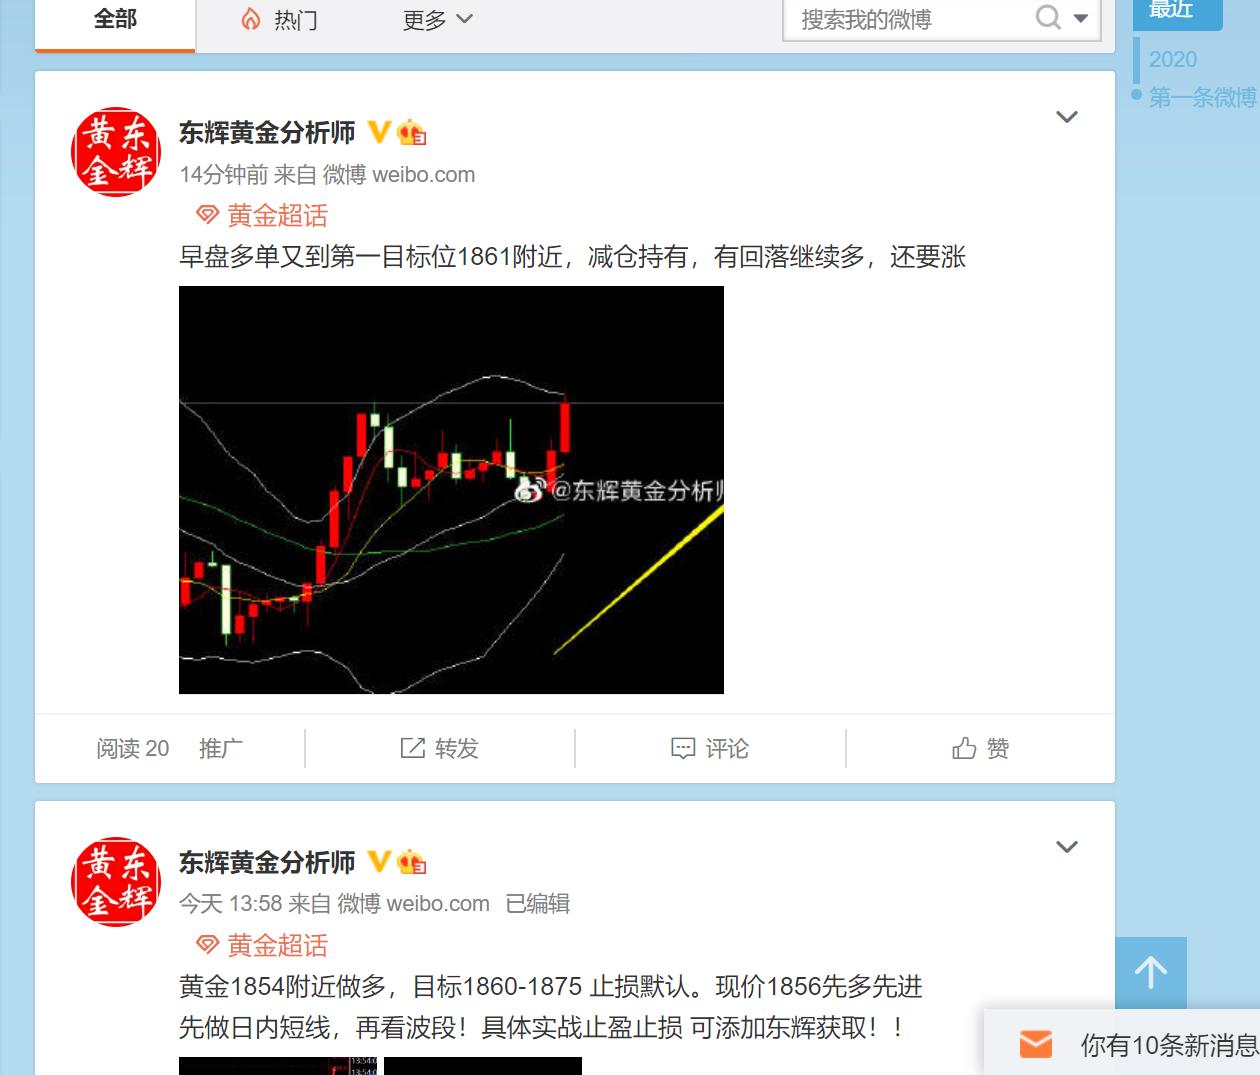 习东辉:黄金现价多单到第一目标!还要涨,有回落继续多!